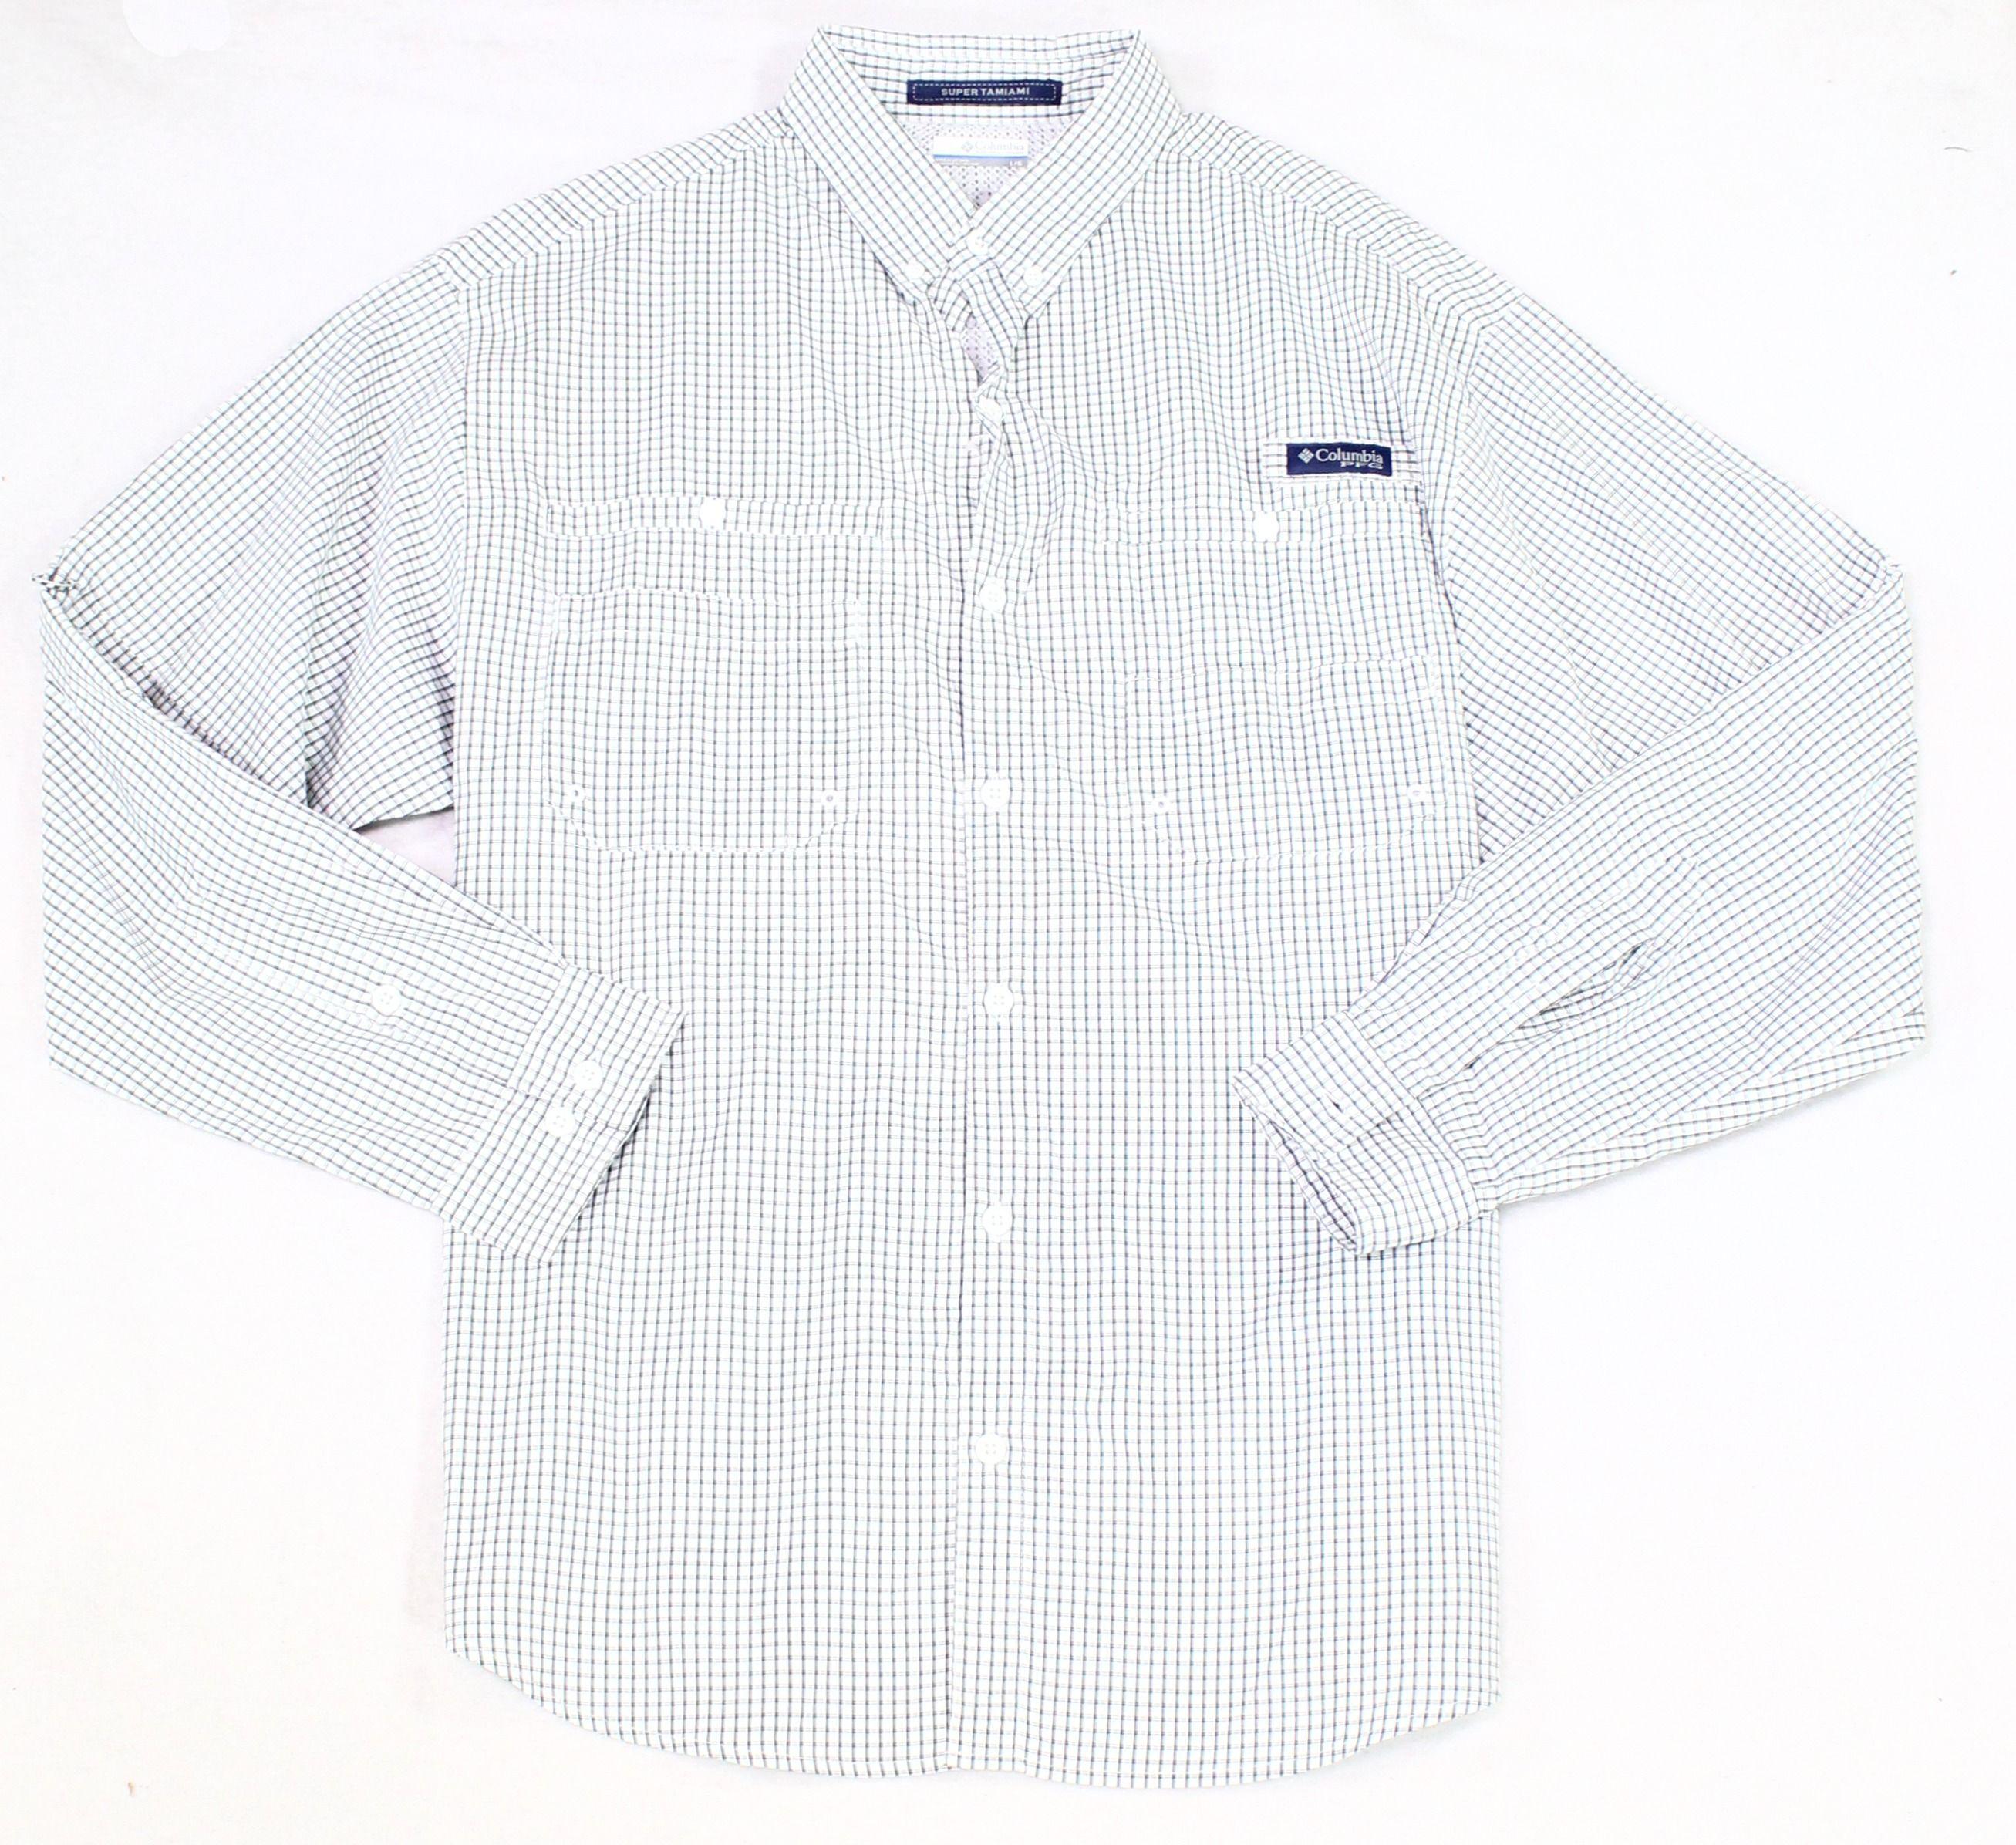 Columbia Mens Shirt White Size XL UPF 40 Check Tamiami Button Down